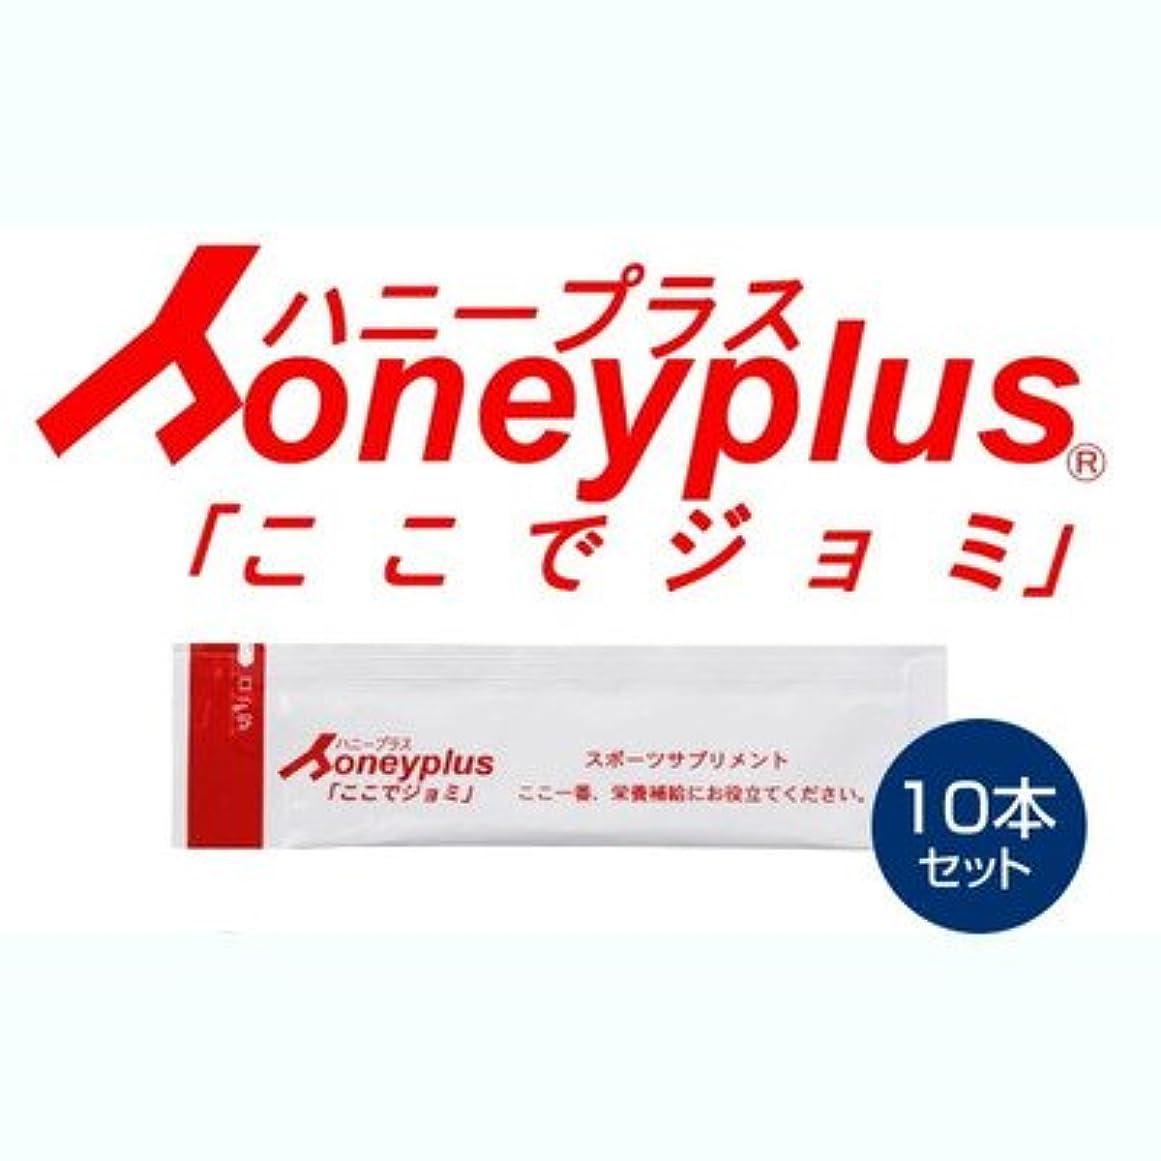 バストコンパクト物足りないHoneyplus「ここでジョミ」10本セット 運動時に摂るスポーツサプリメント